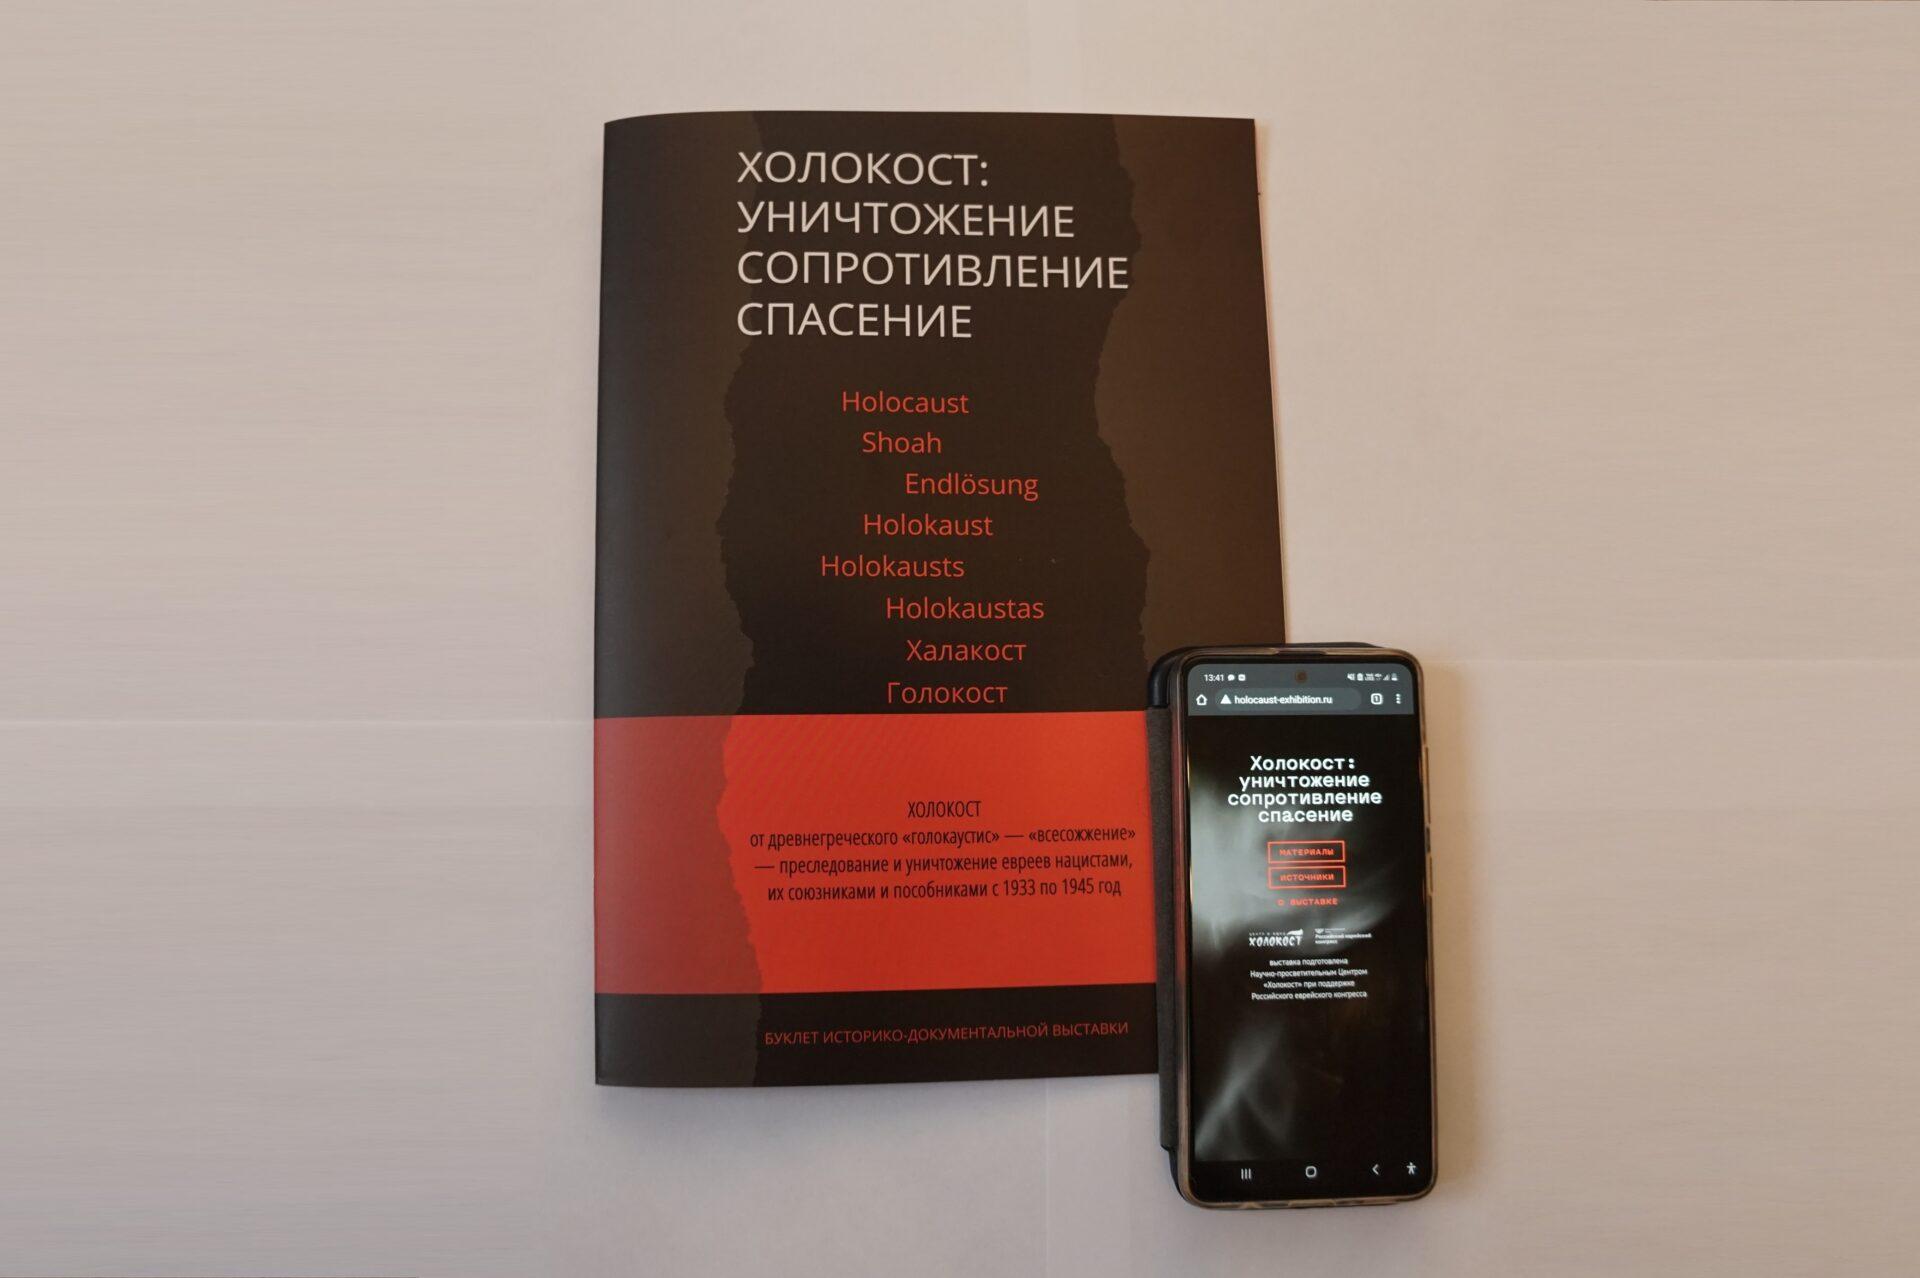 Онлайн-презентация выставки «Холокост: уничтожение, сопротивление спасение» в Калининграде